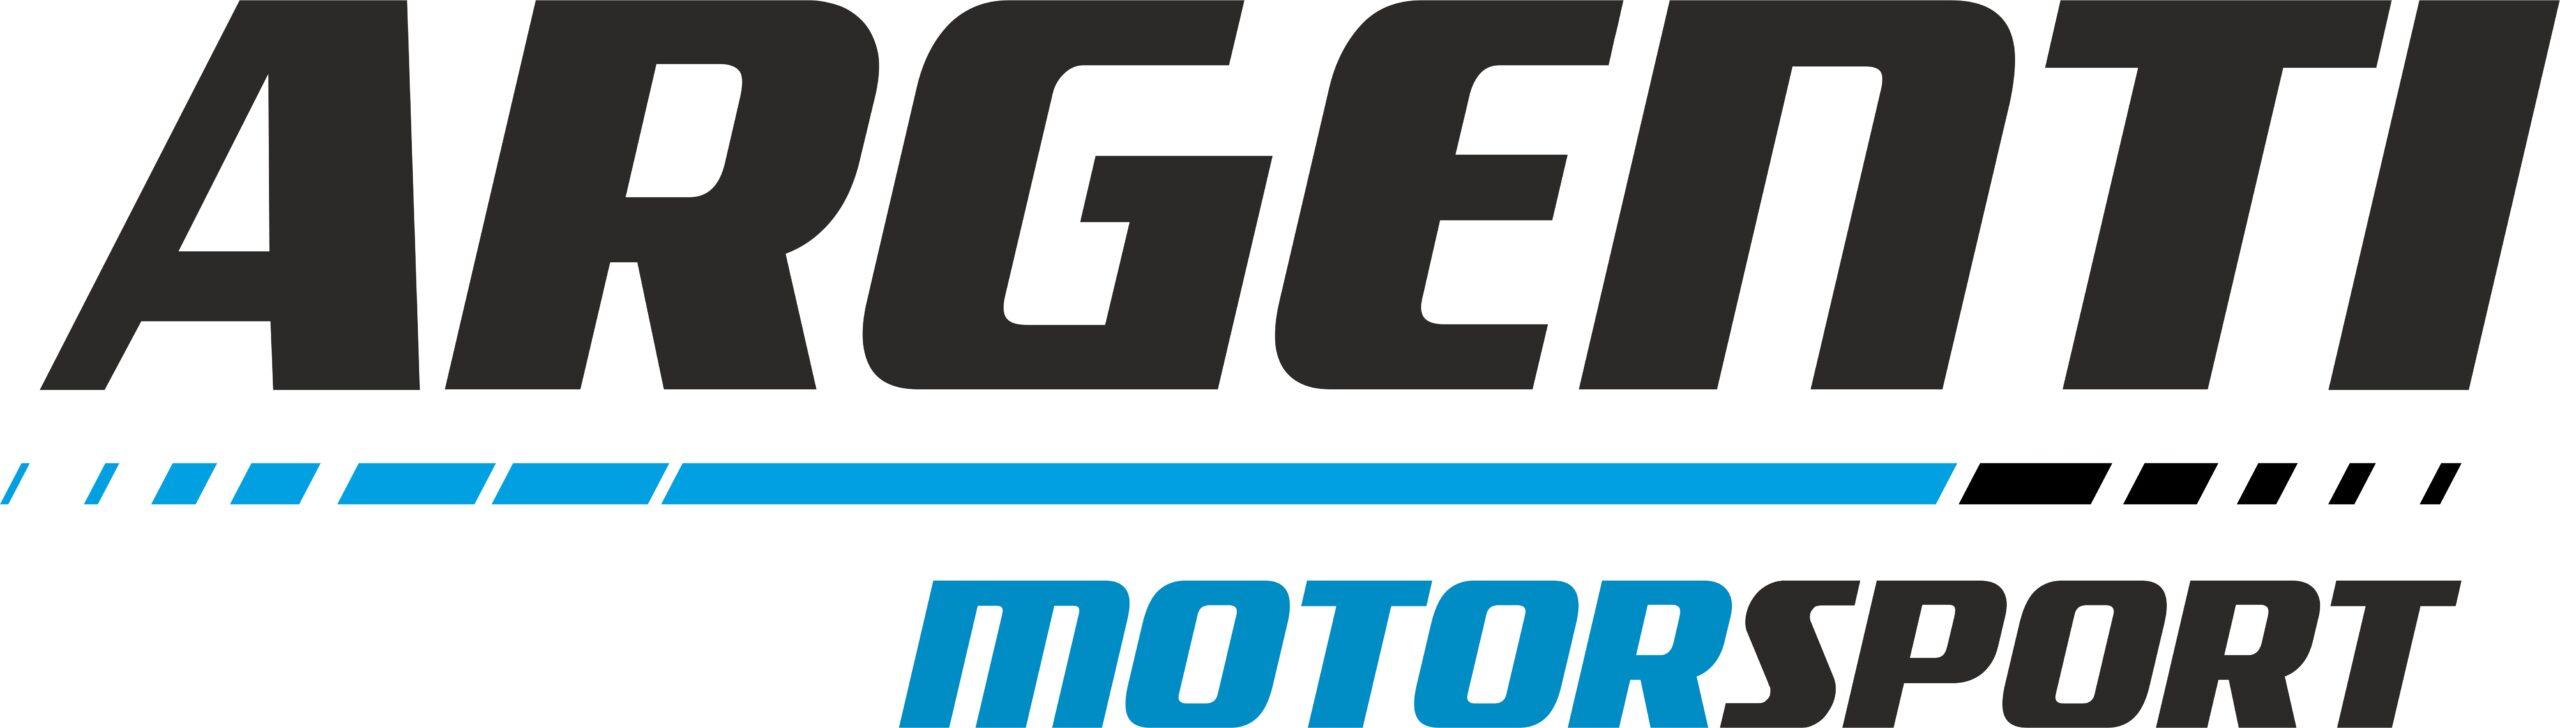 Argenti-Motorsport